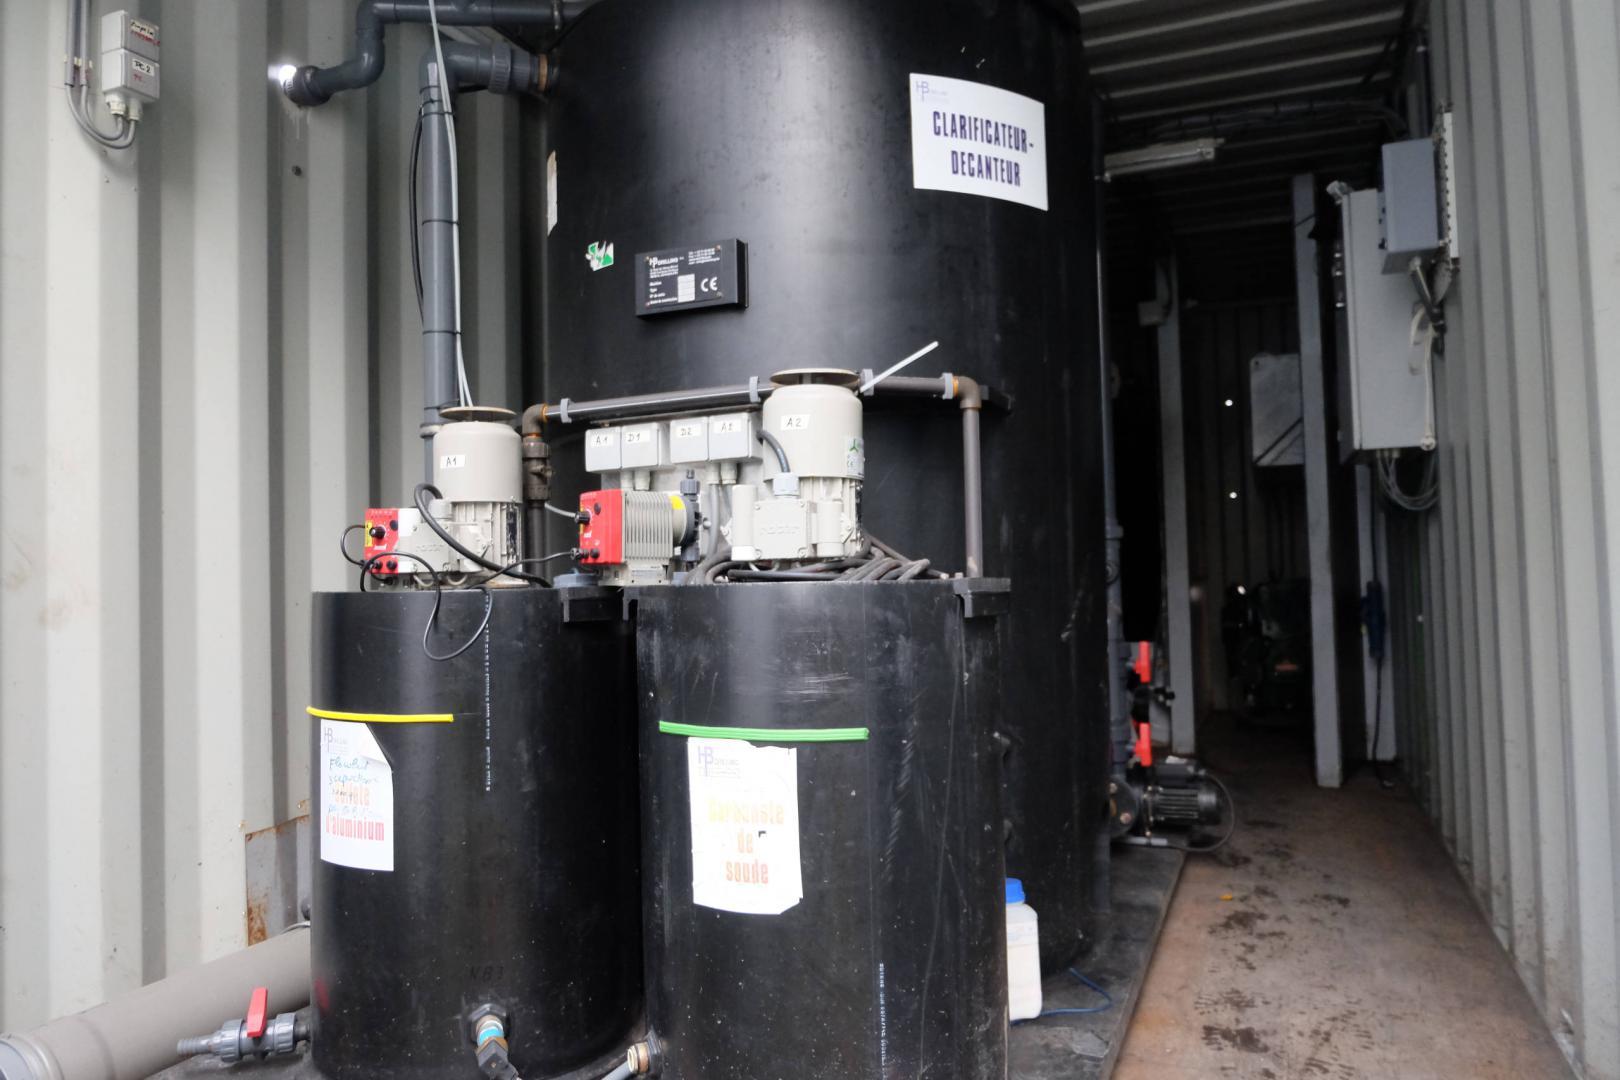 Container de potabilisation - clarificateur avec préparation de floculant et coagulant pour la précipitation des matières en suspension